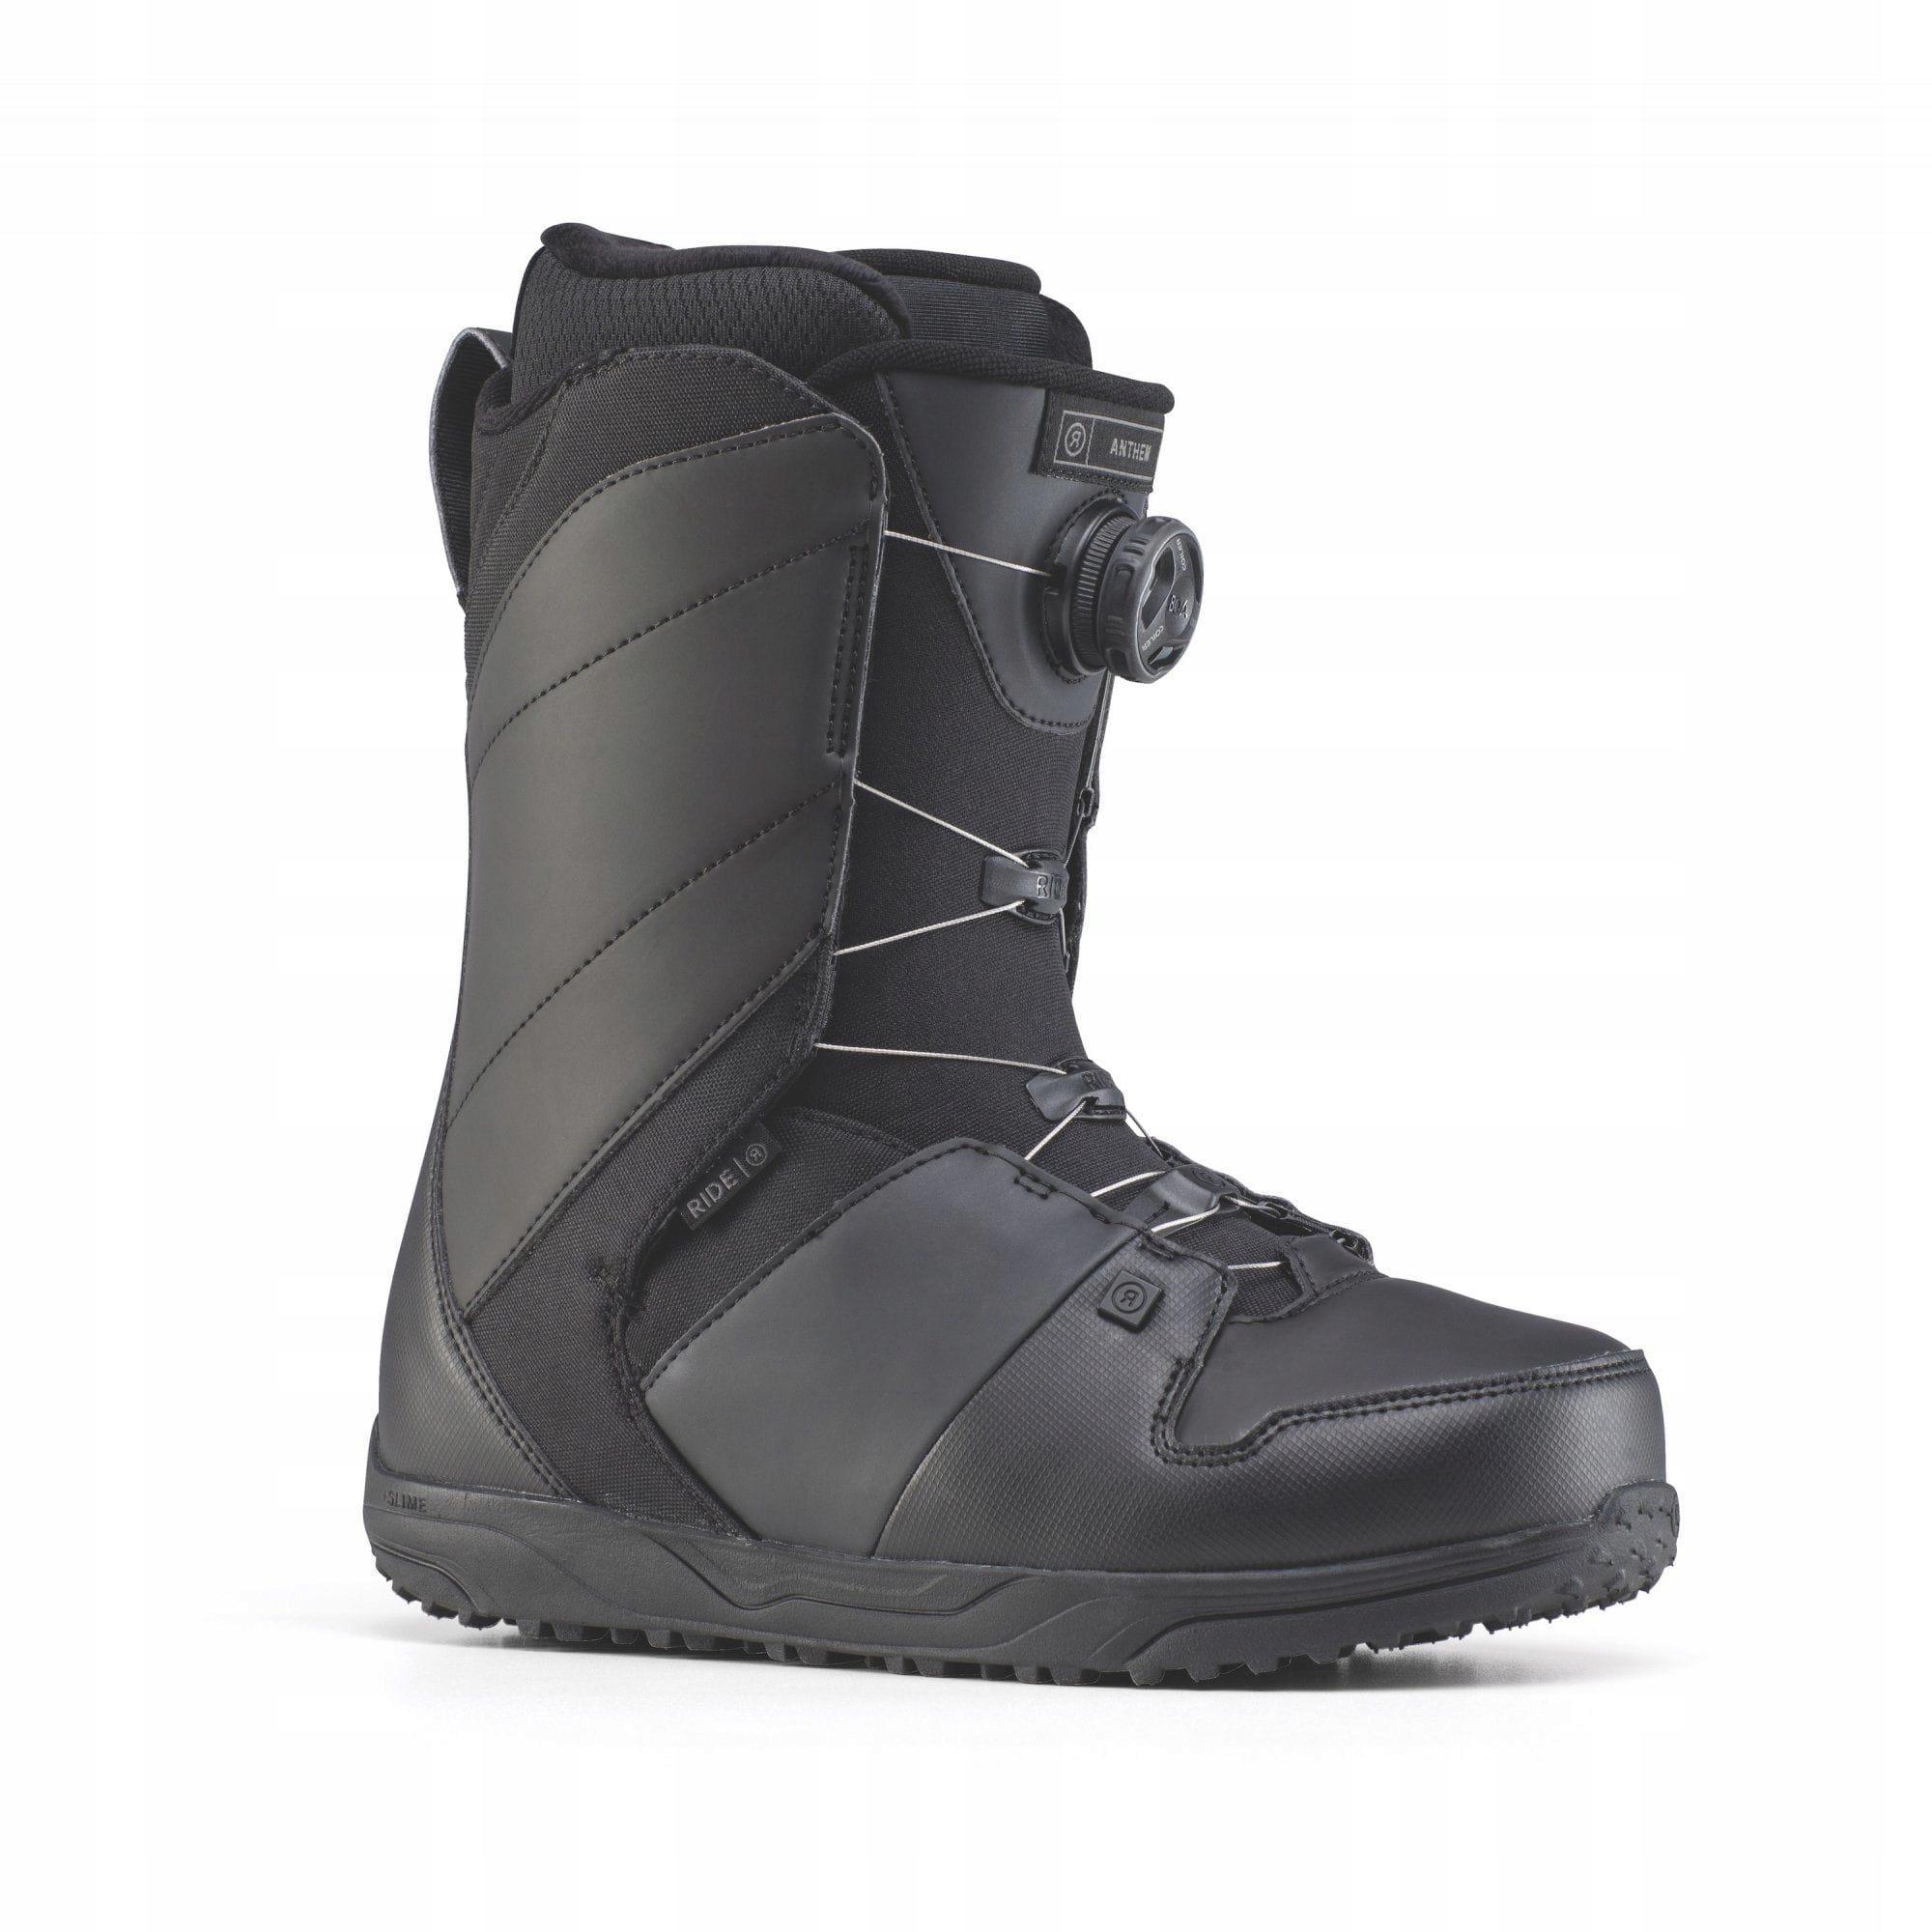 Snowboardové topánky Ride Anthem čierna Veľkosť 41,5